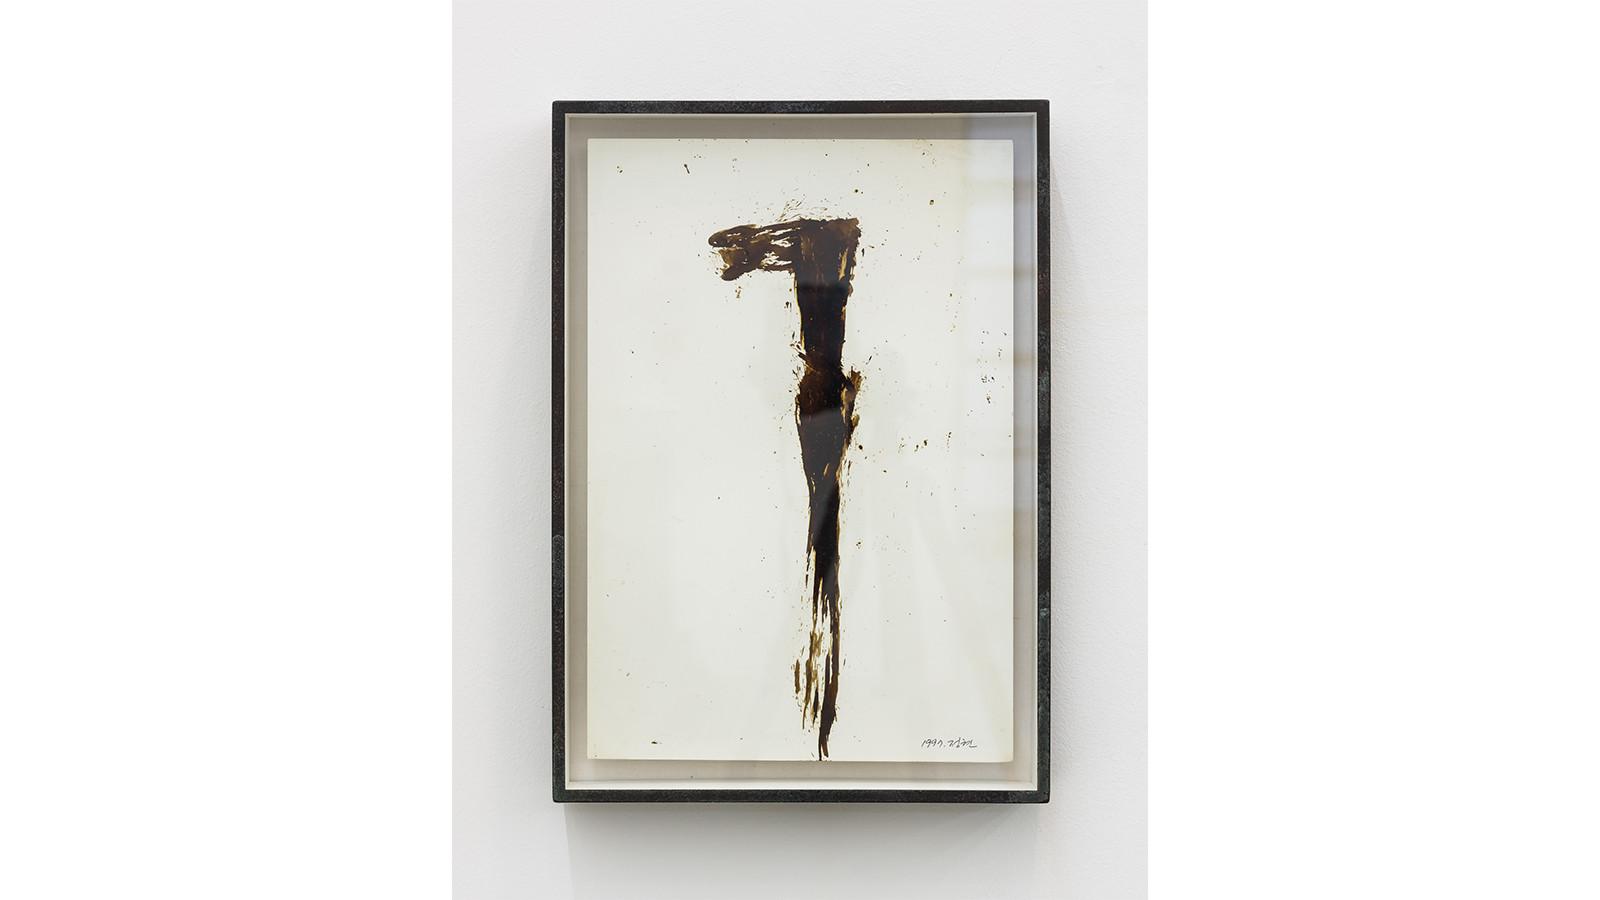 Drawing, 1997, col tar, 31 x 44 cm